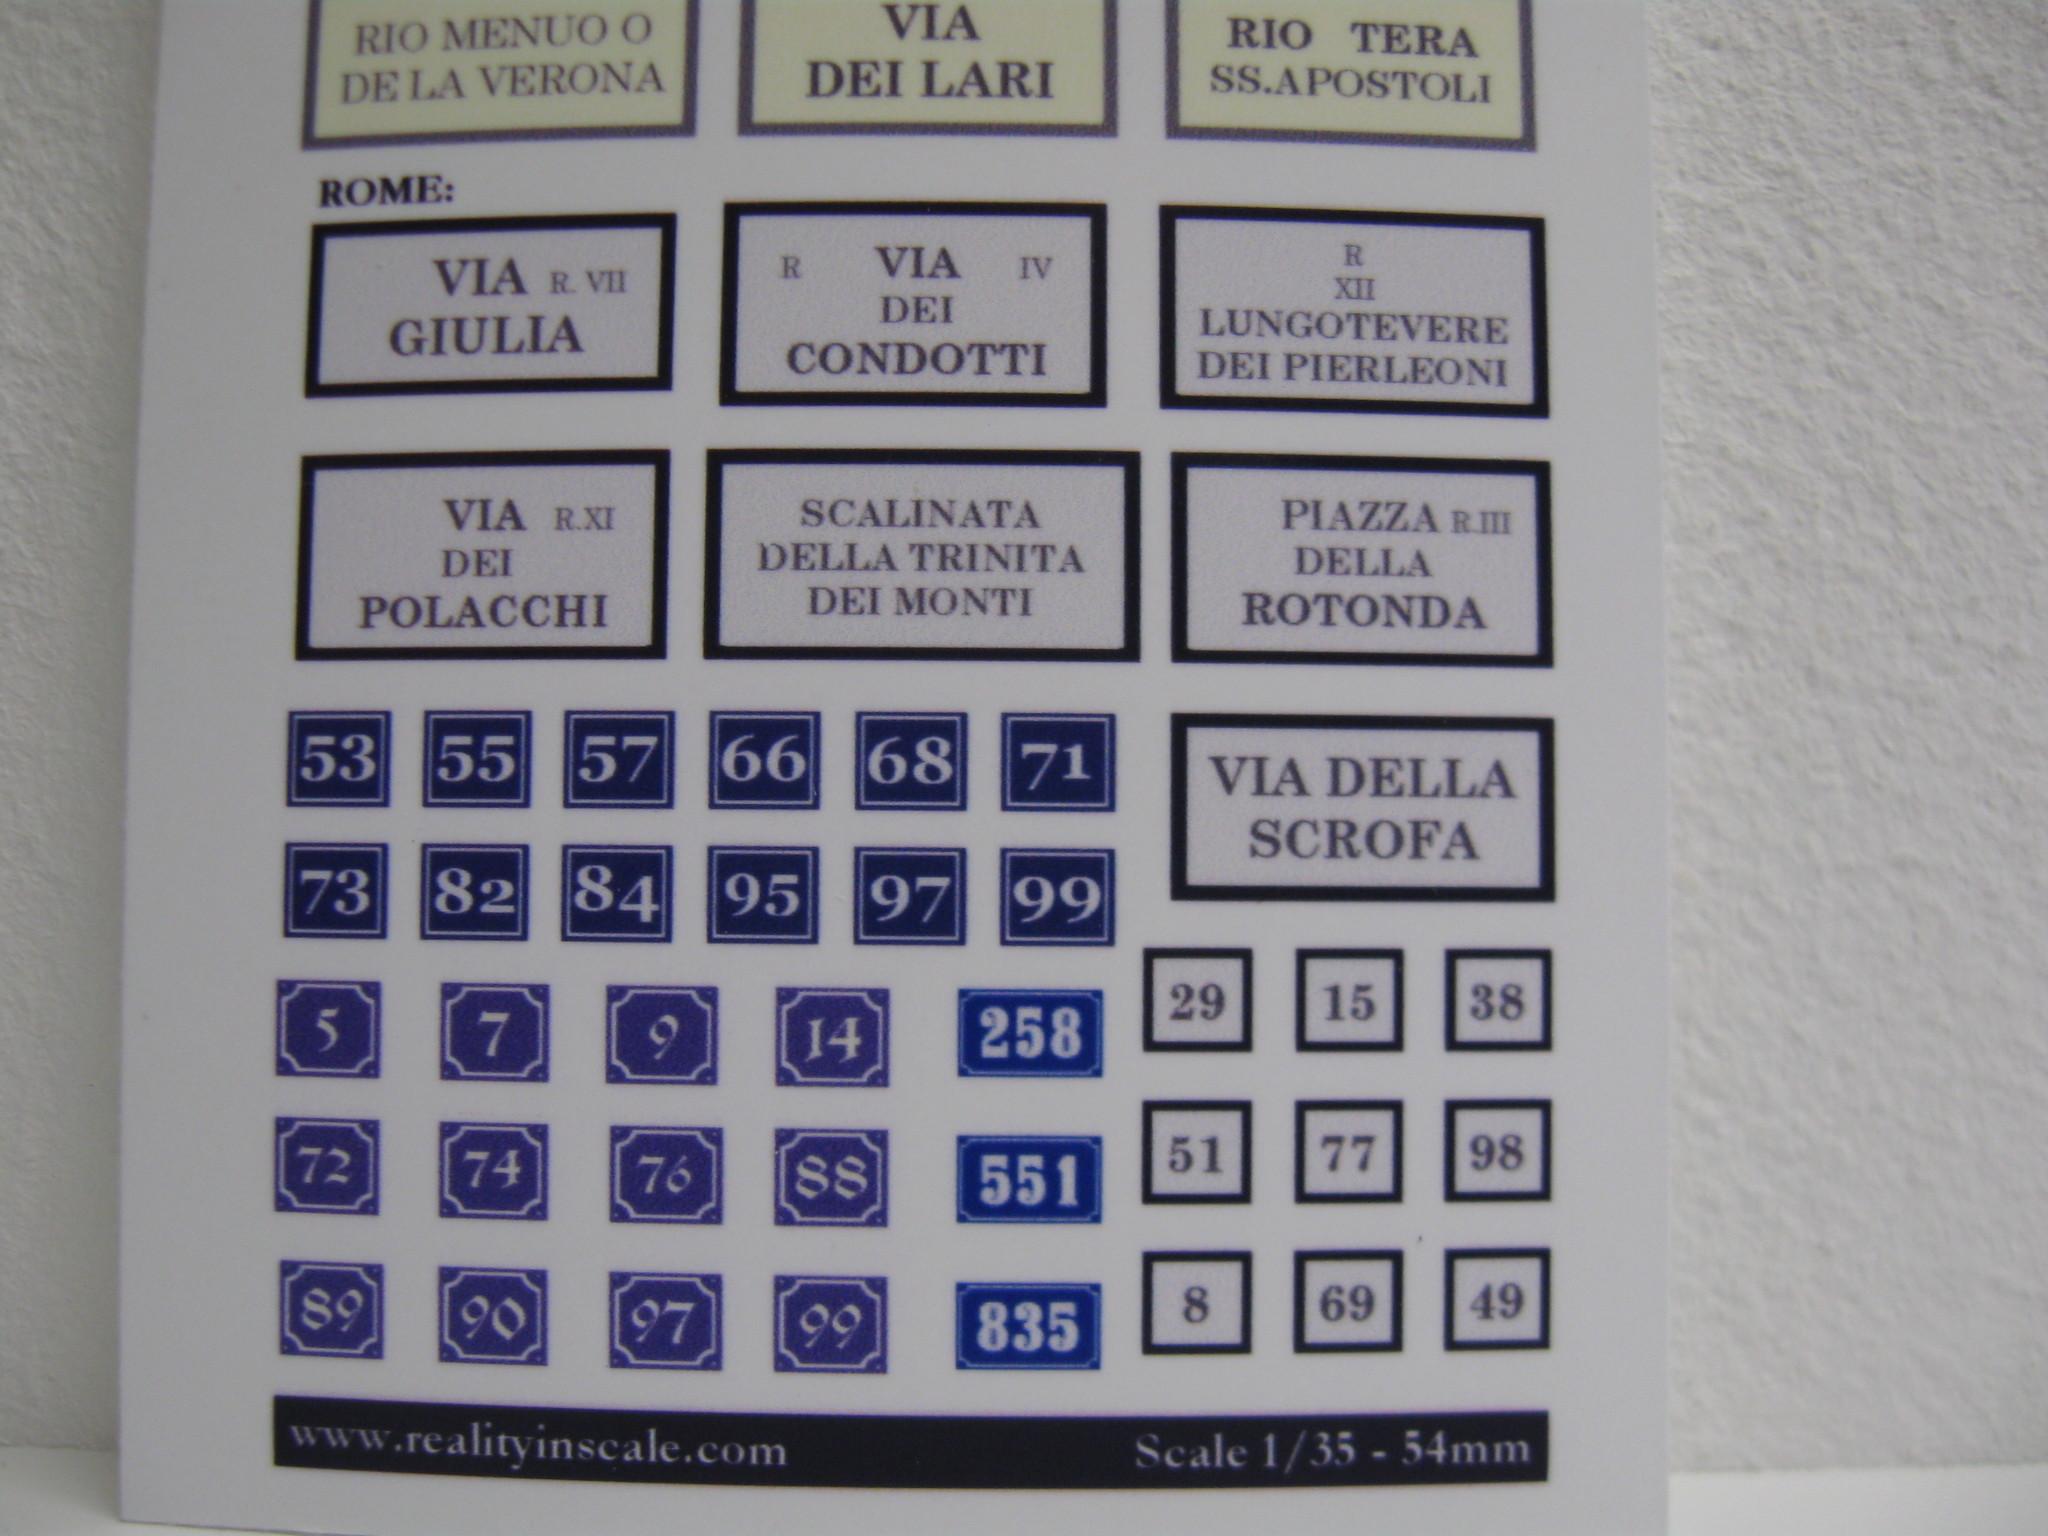 Reality in Scale Enamel Italian Streetsigns - Reality in Scale - RIS 35179